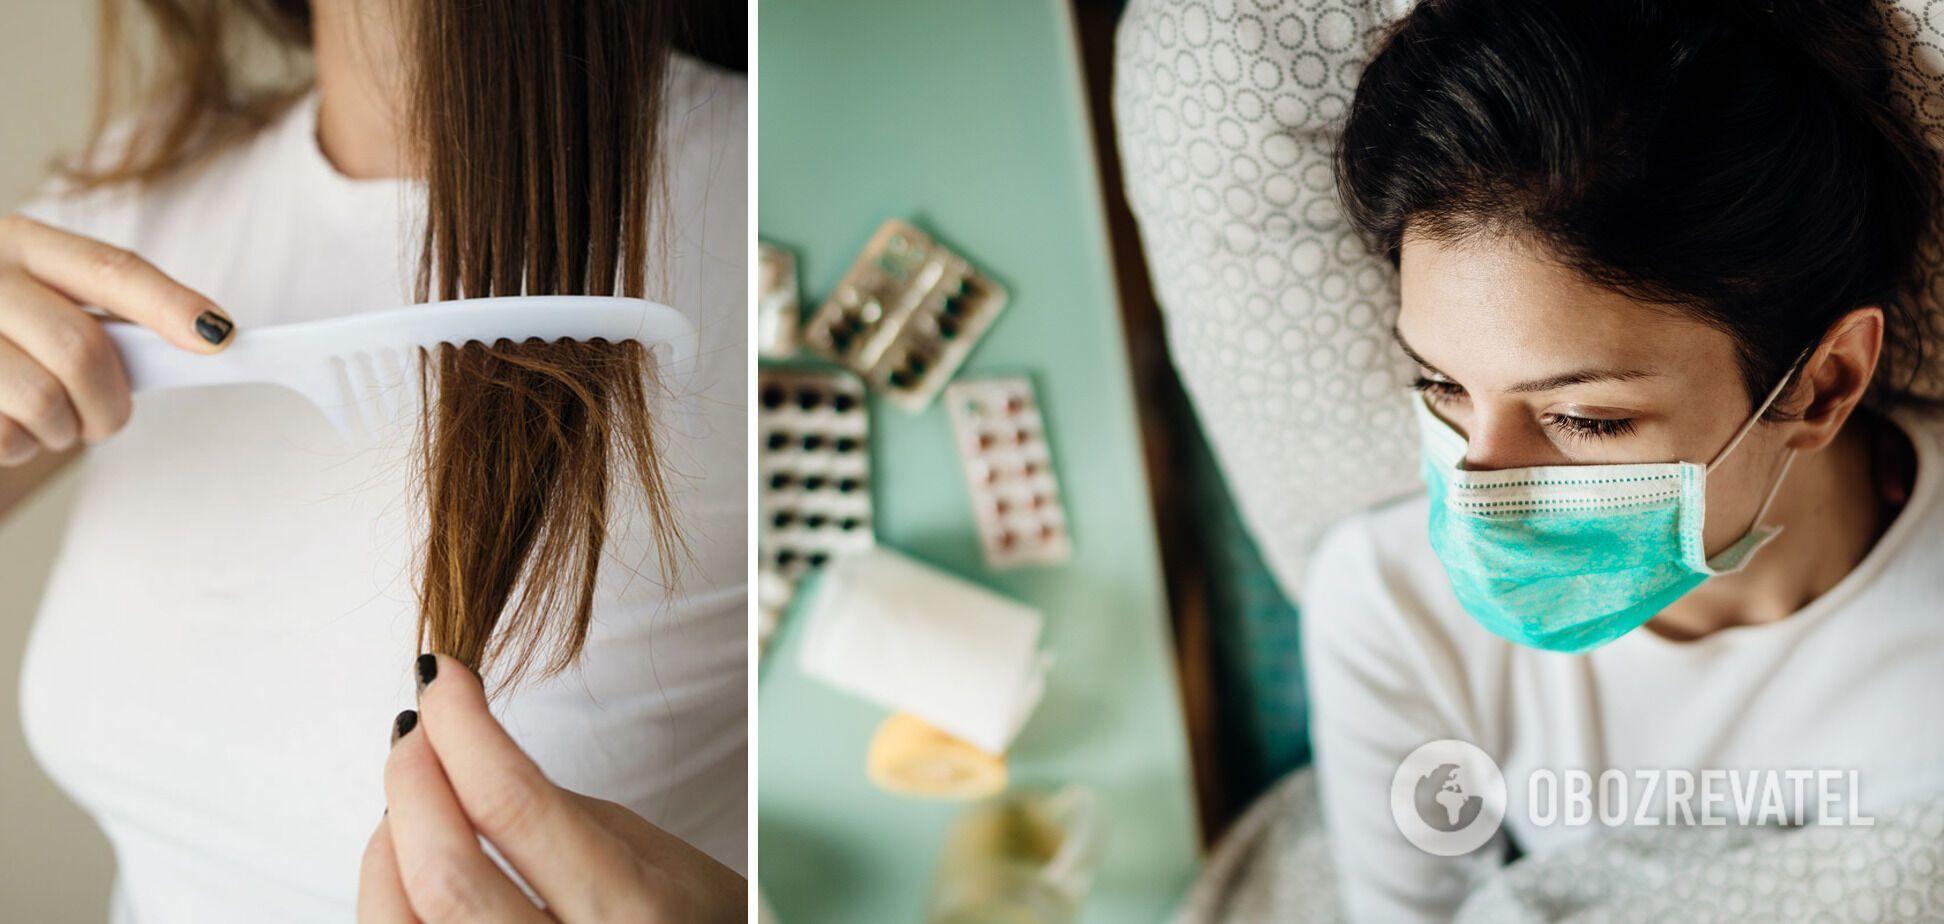 Многие люди заметили у себя выпадение волос после перенесенного коронавируса